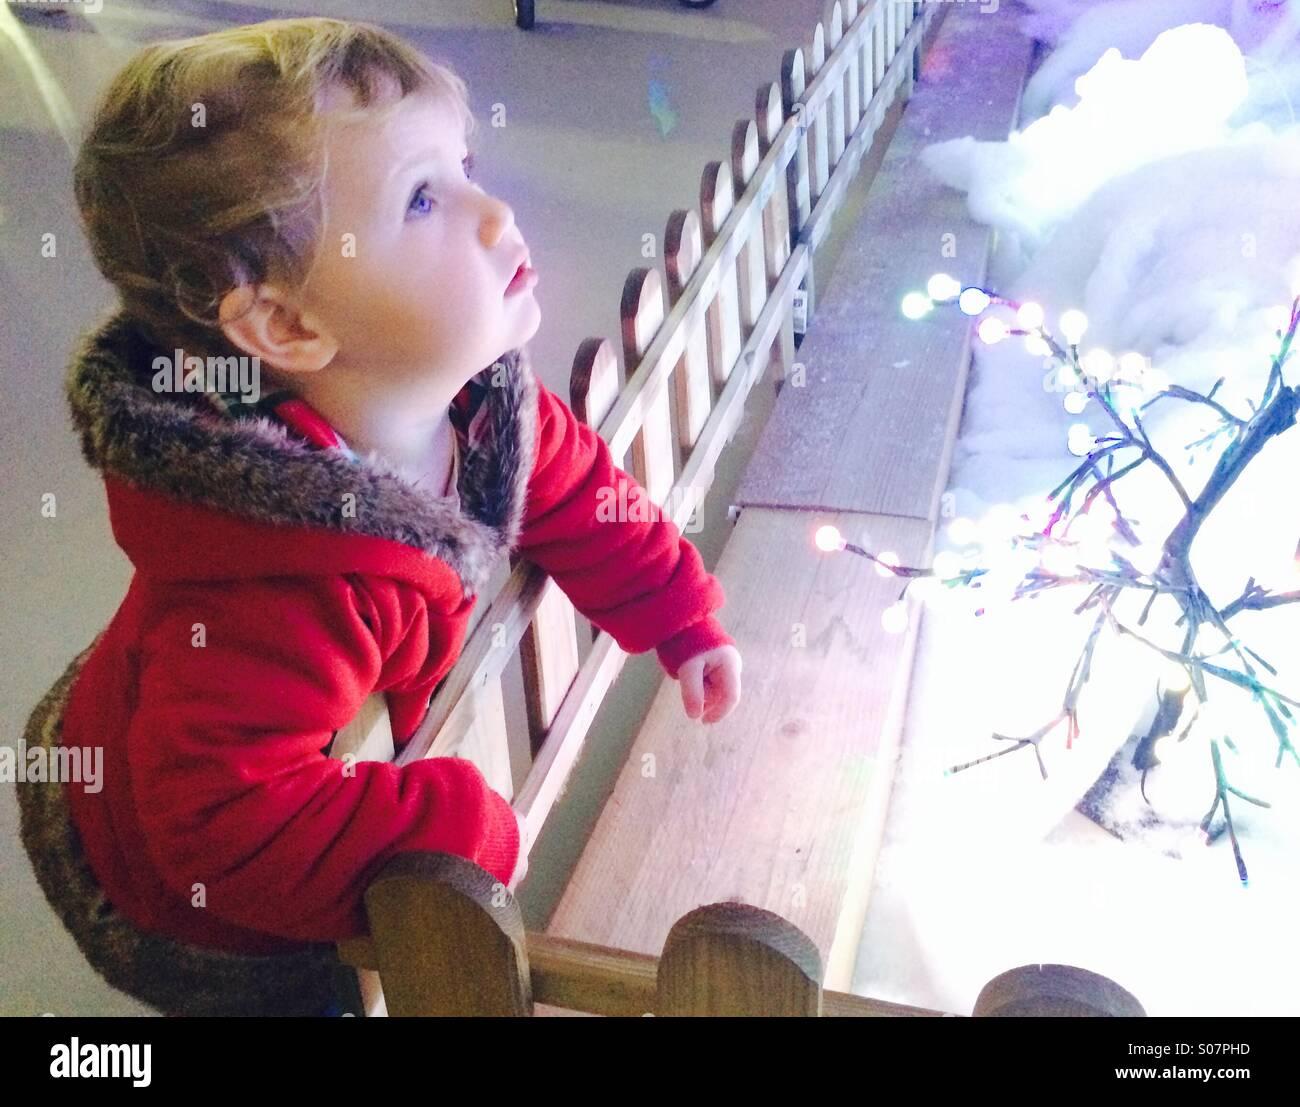 Kleines Mädchen starrte auf Weihnachtsbeleuchtung in Frage Stockbild